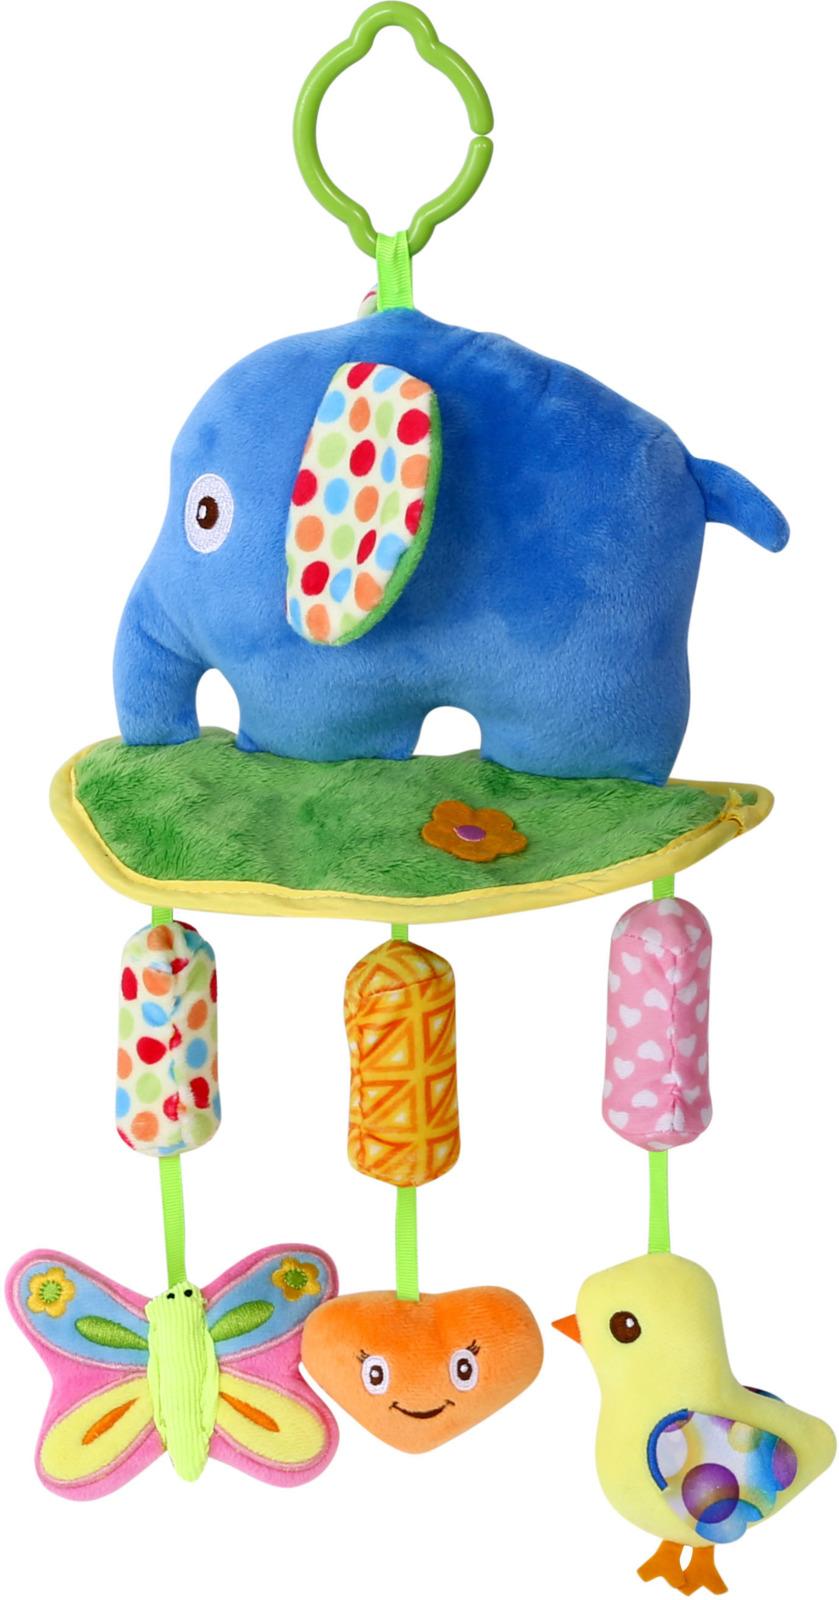 Подвесная мягкая игрушка Lorelli Toys Слоник и компания. 10191230003 развивающая игрушка lorelli toys слоник 1019117